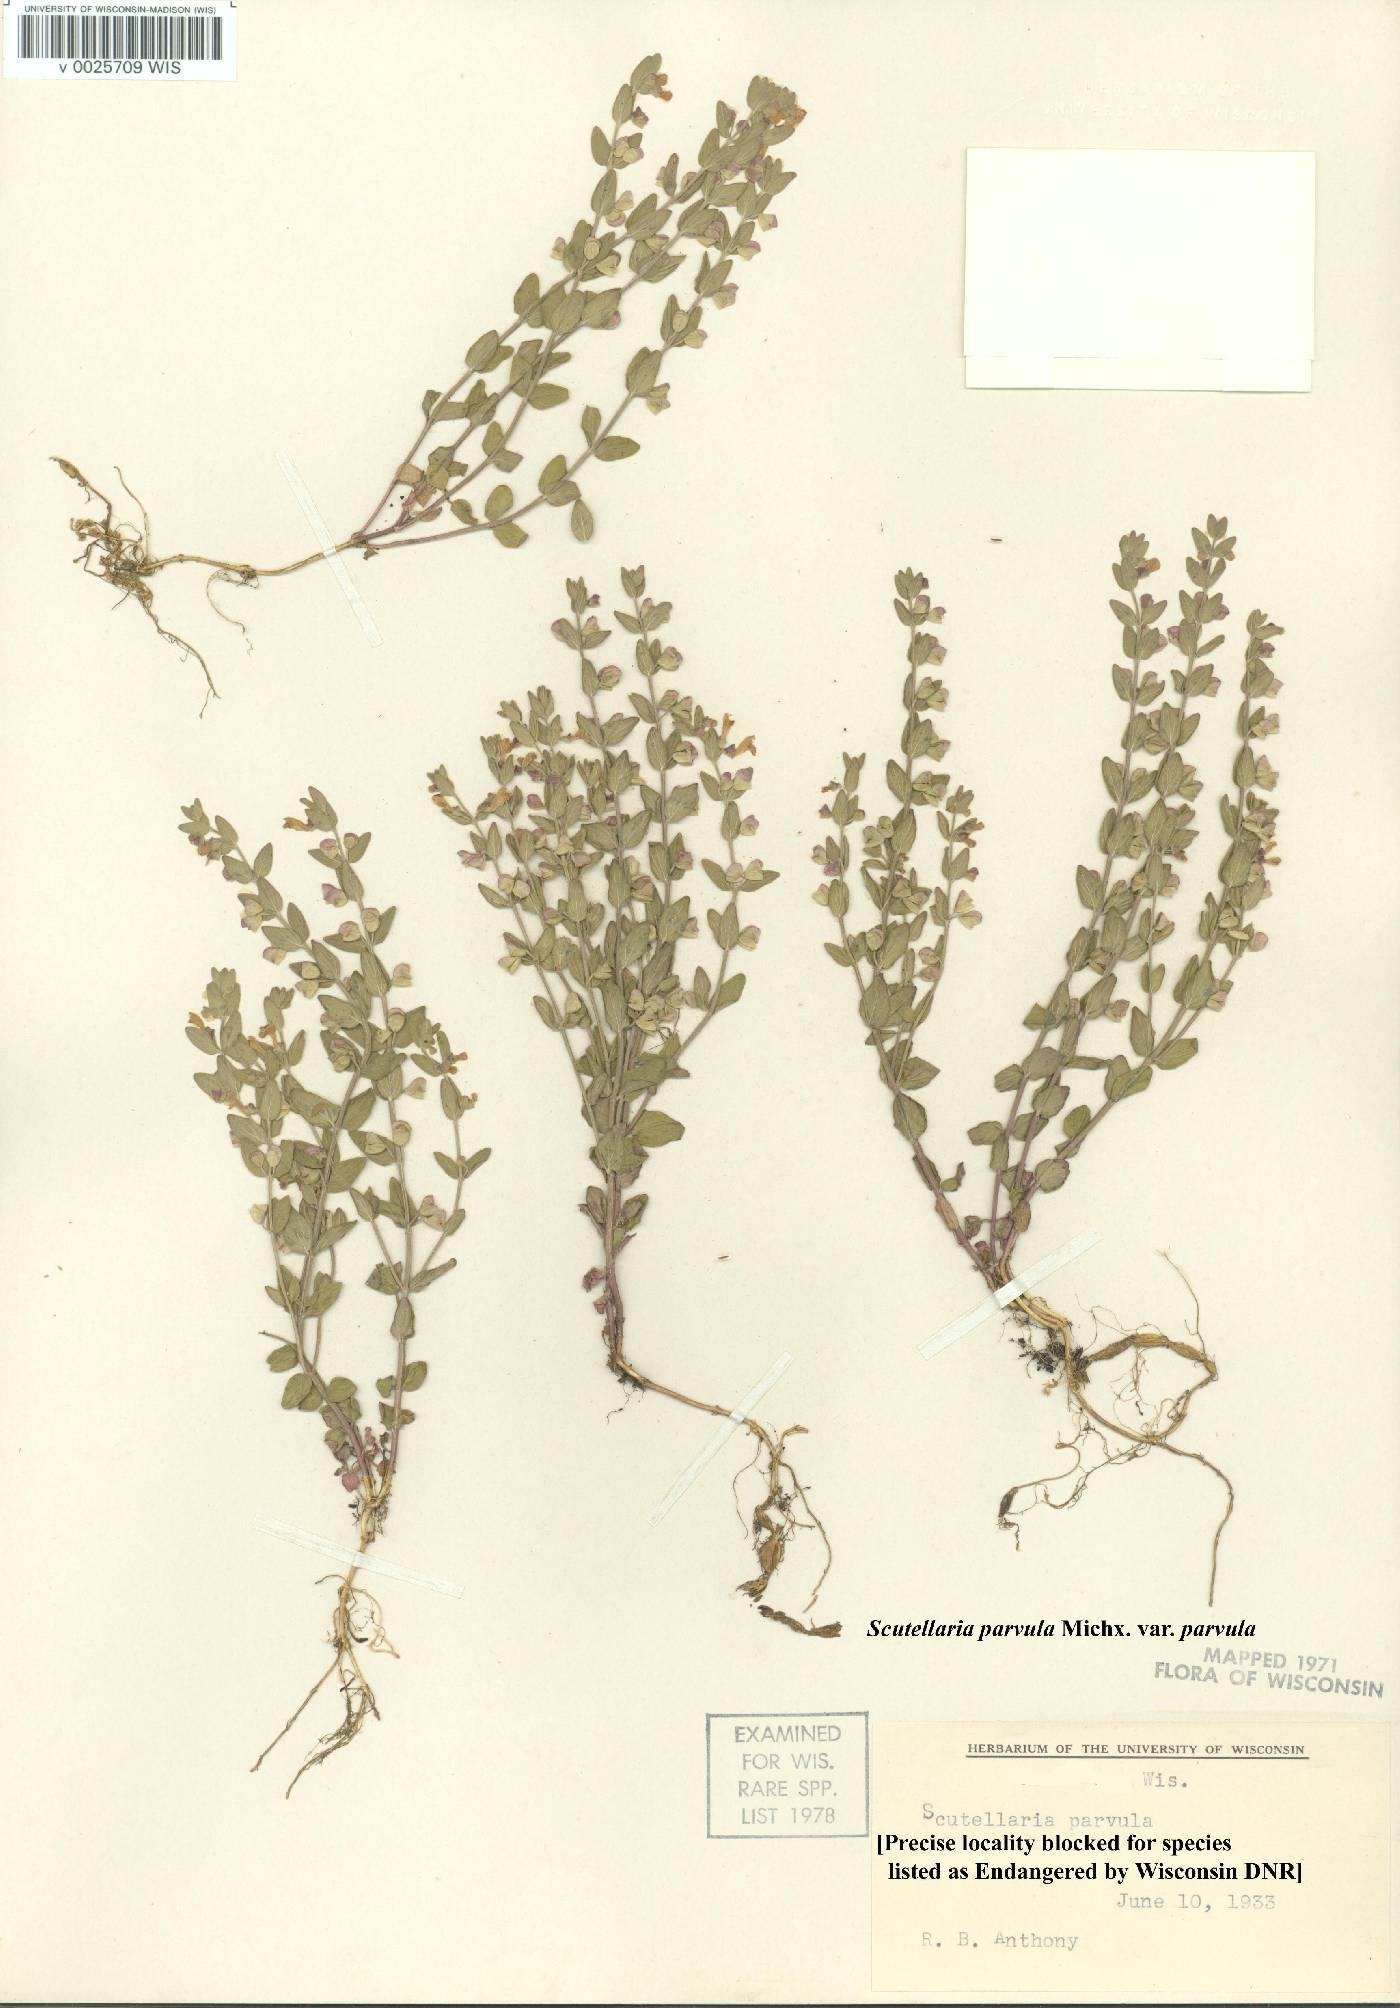 Scutellaria parvula var. parvula image